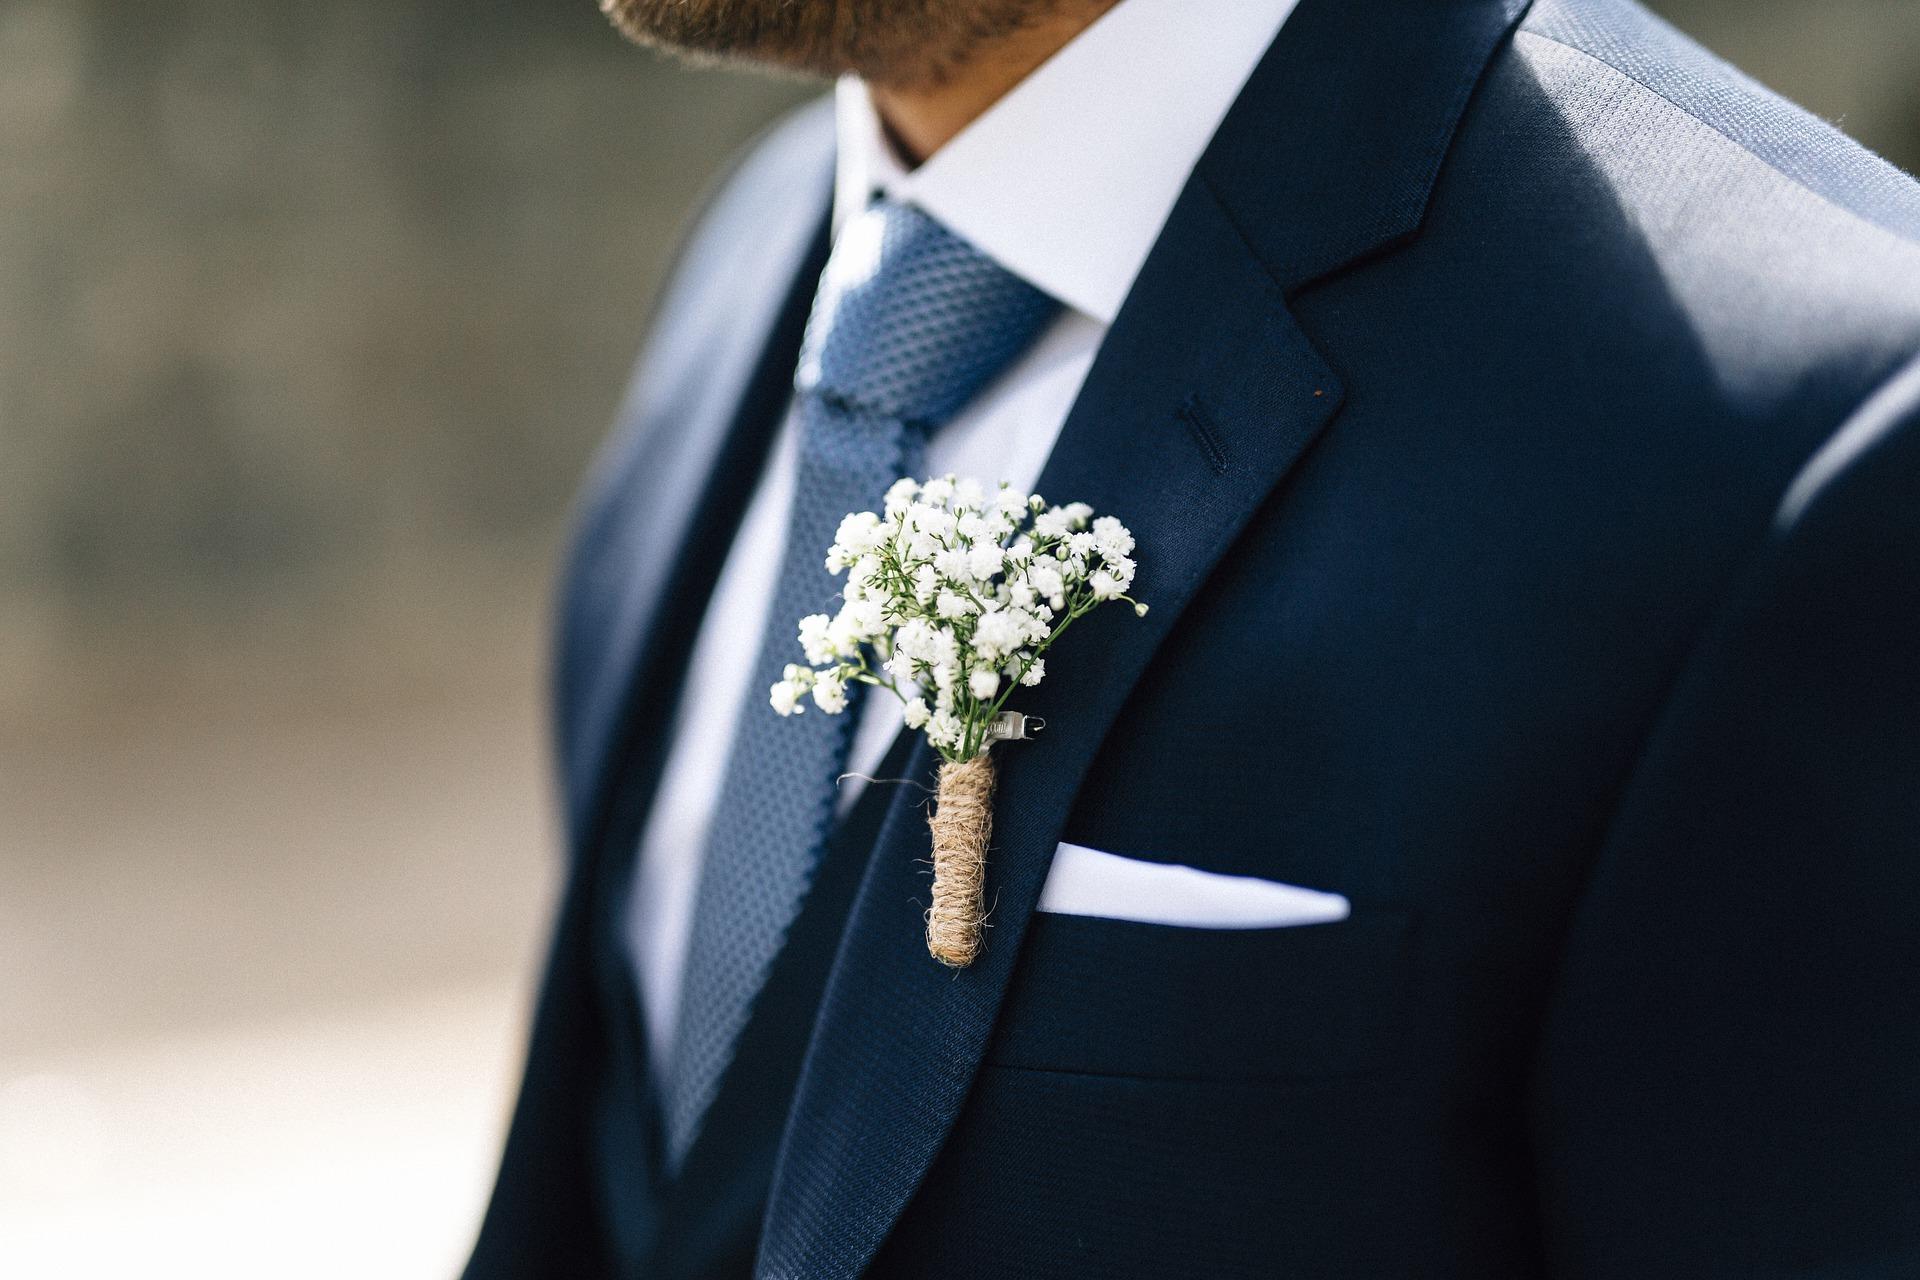 wedding-4288992_1920.jpg